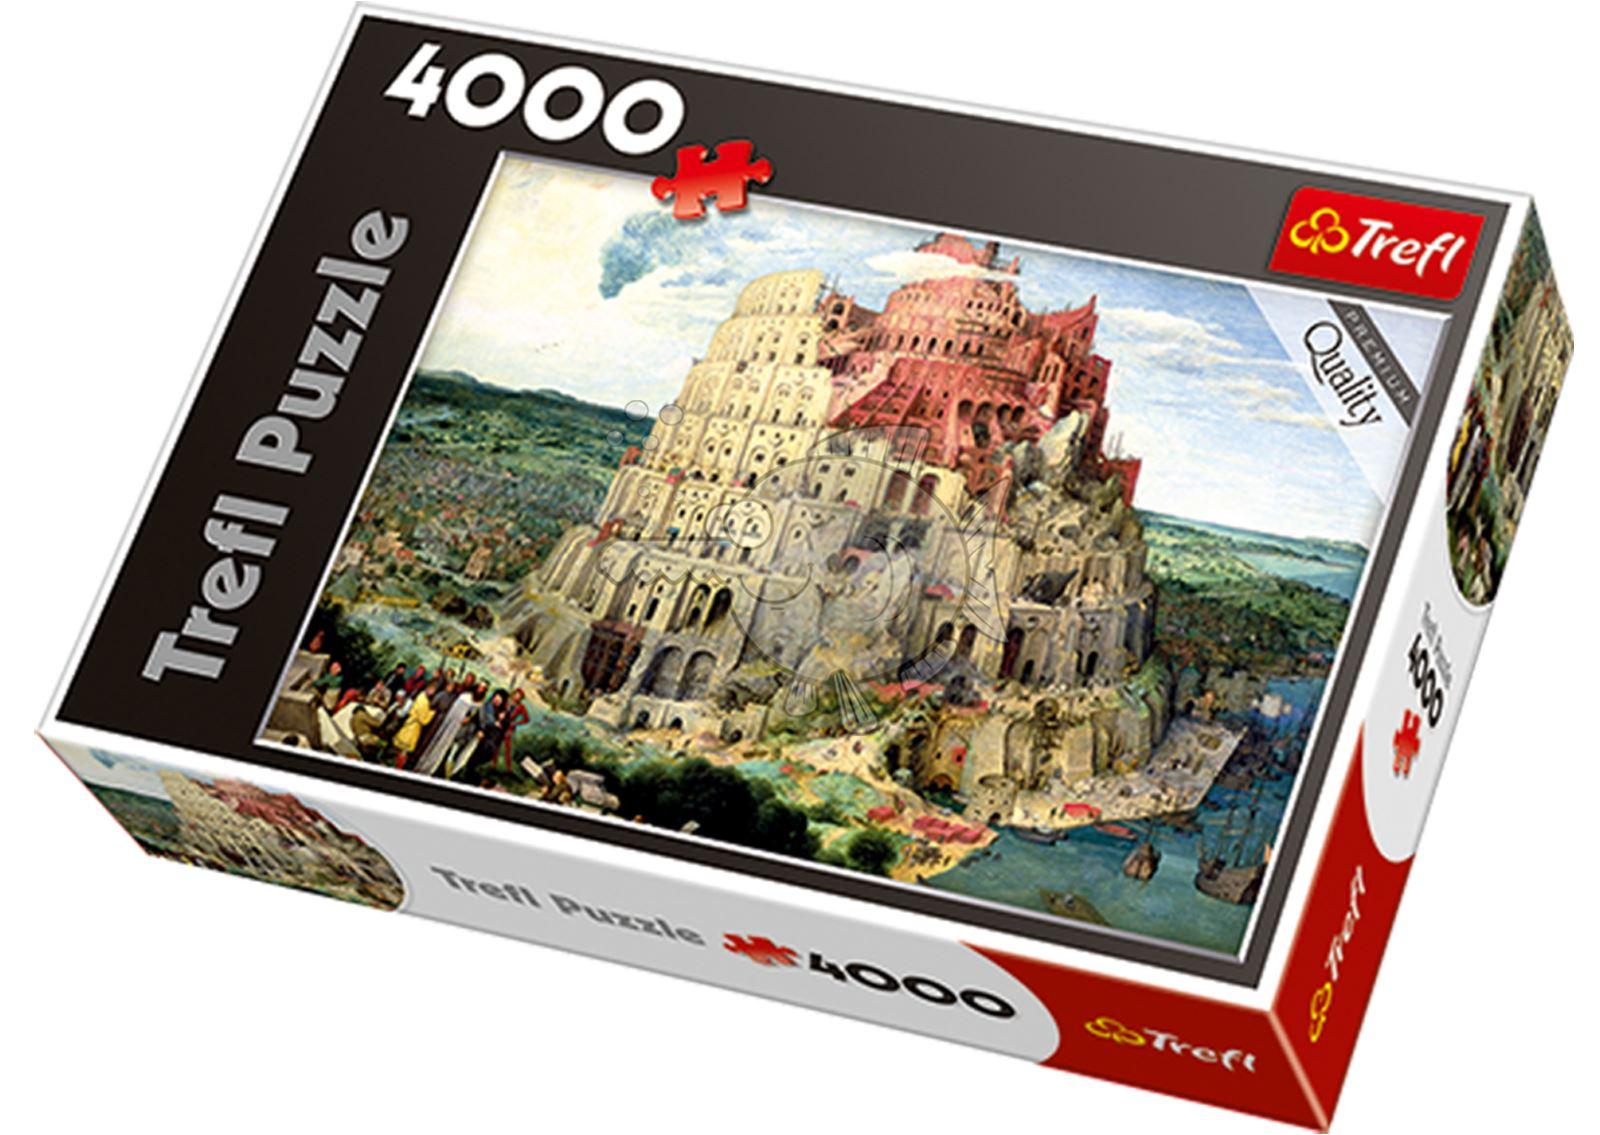 Trefl-300-500-1000-1500-2000-3000-4000-6000-Piece-Jigsaw-Puzzle-Paysages-Ville miniature 232